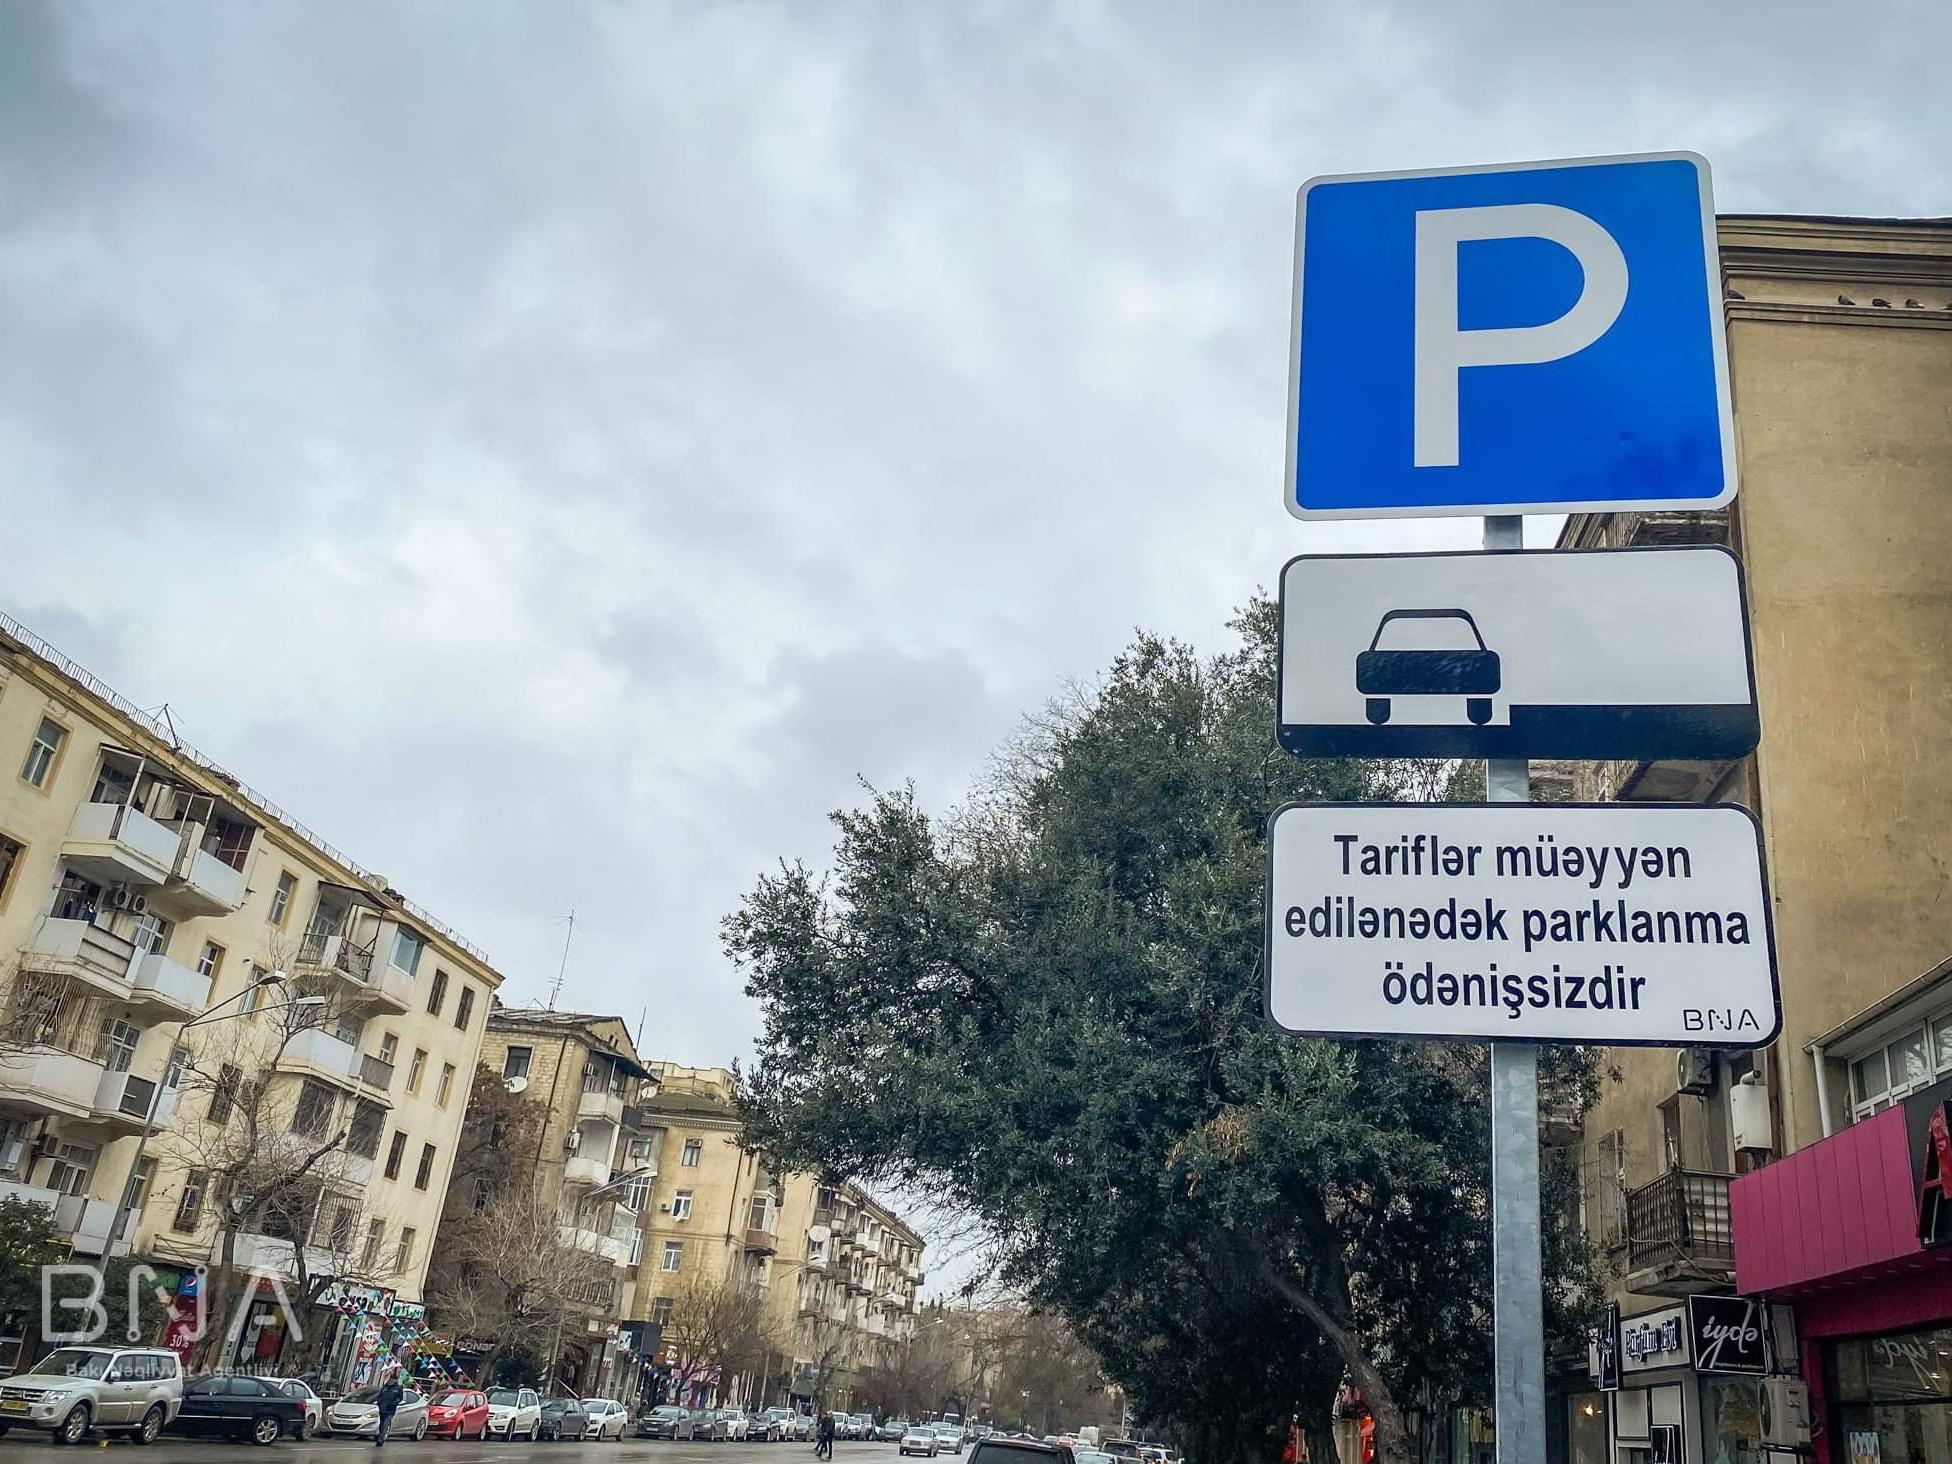 Водителей Баку известили: Парковка бесплатная! - ФОТОФАКТ